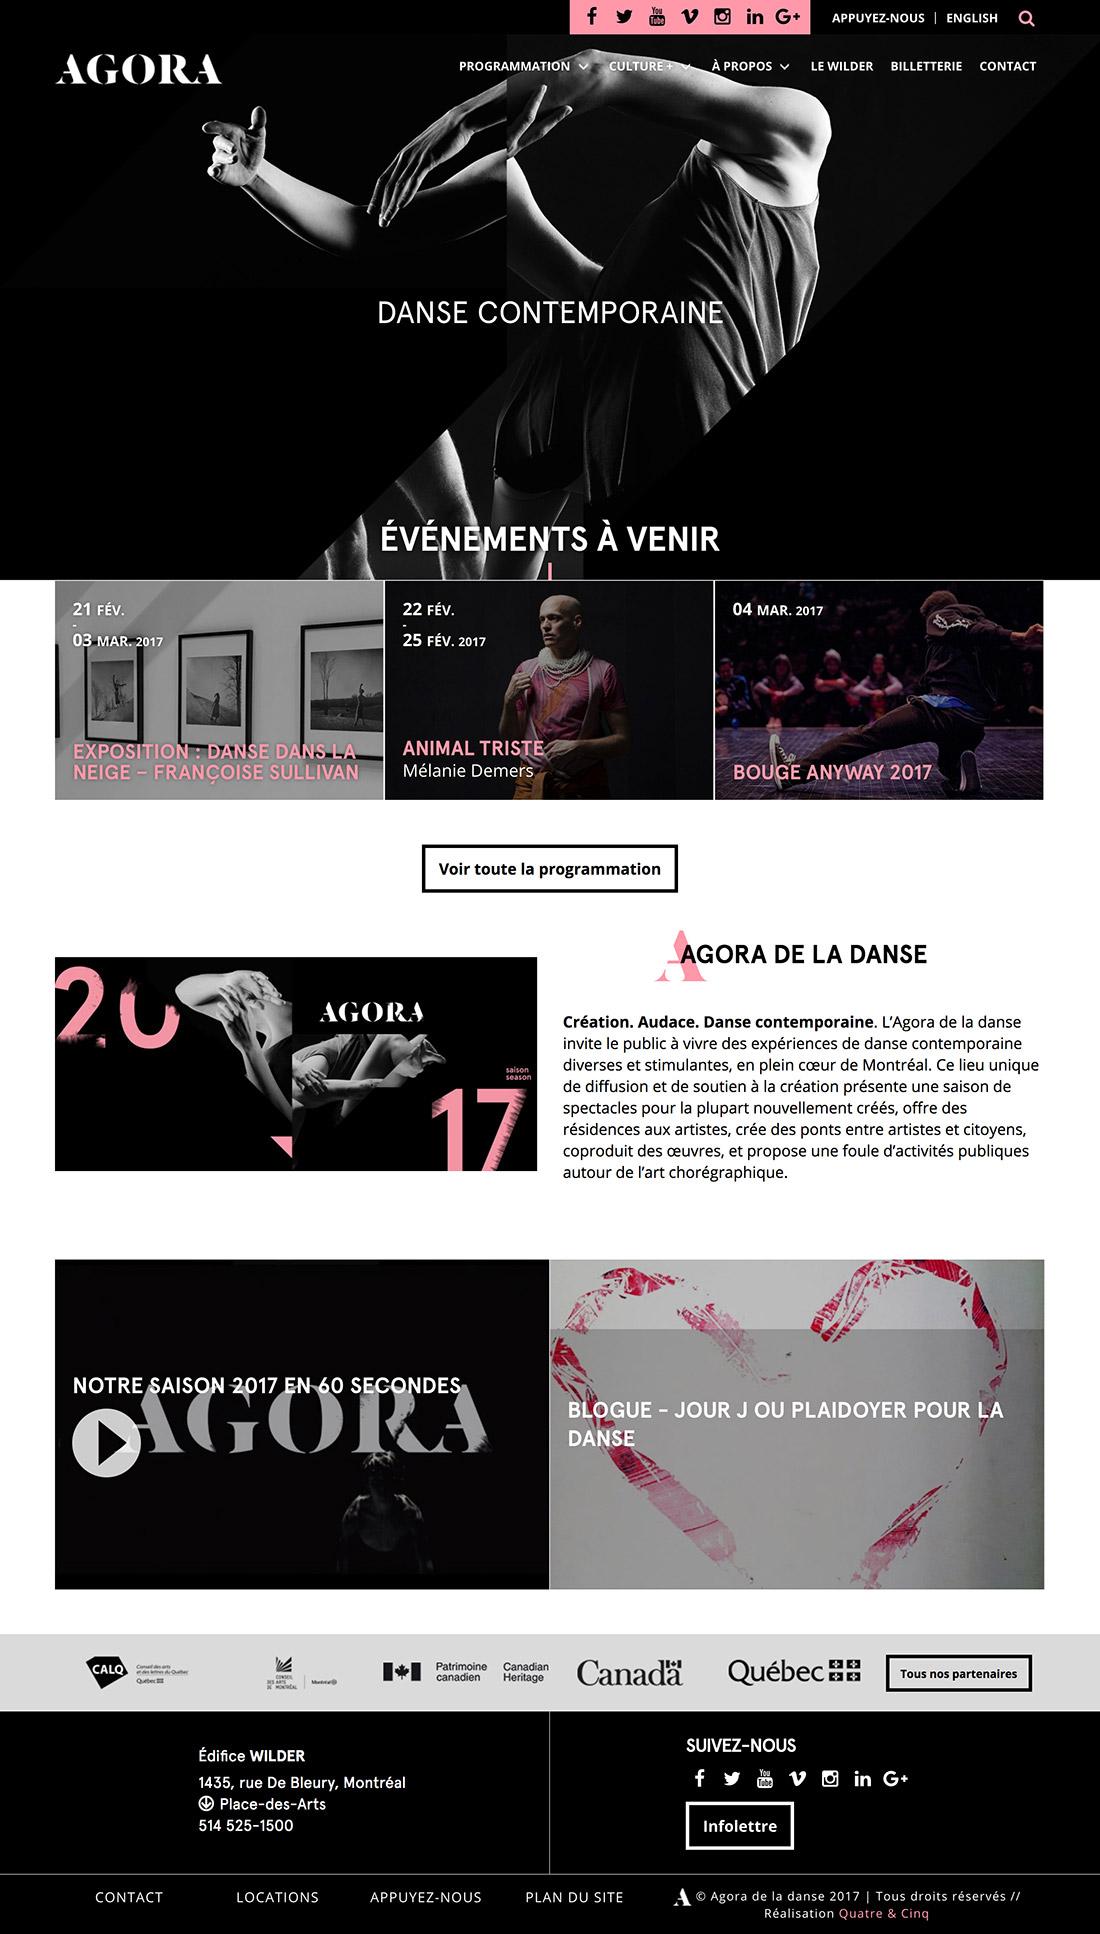 image-agora2